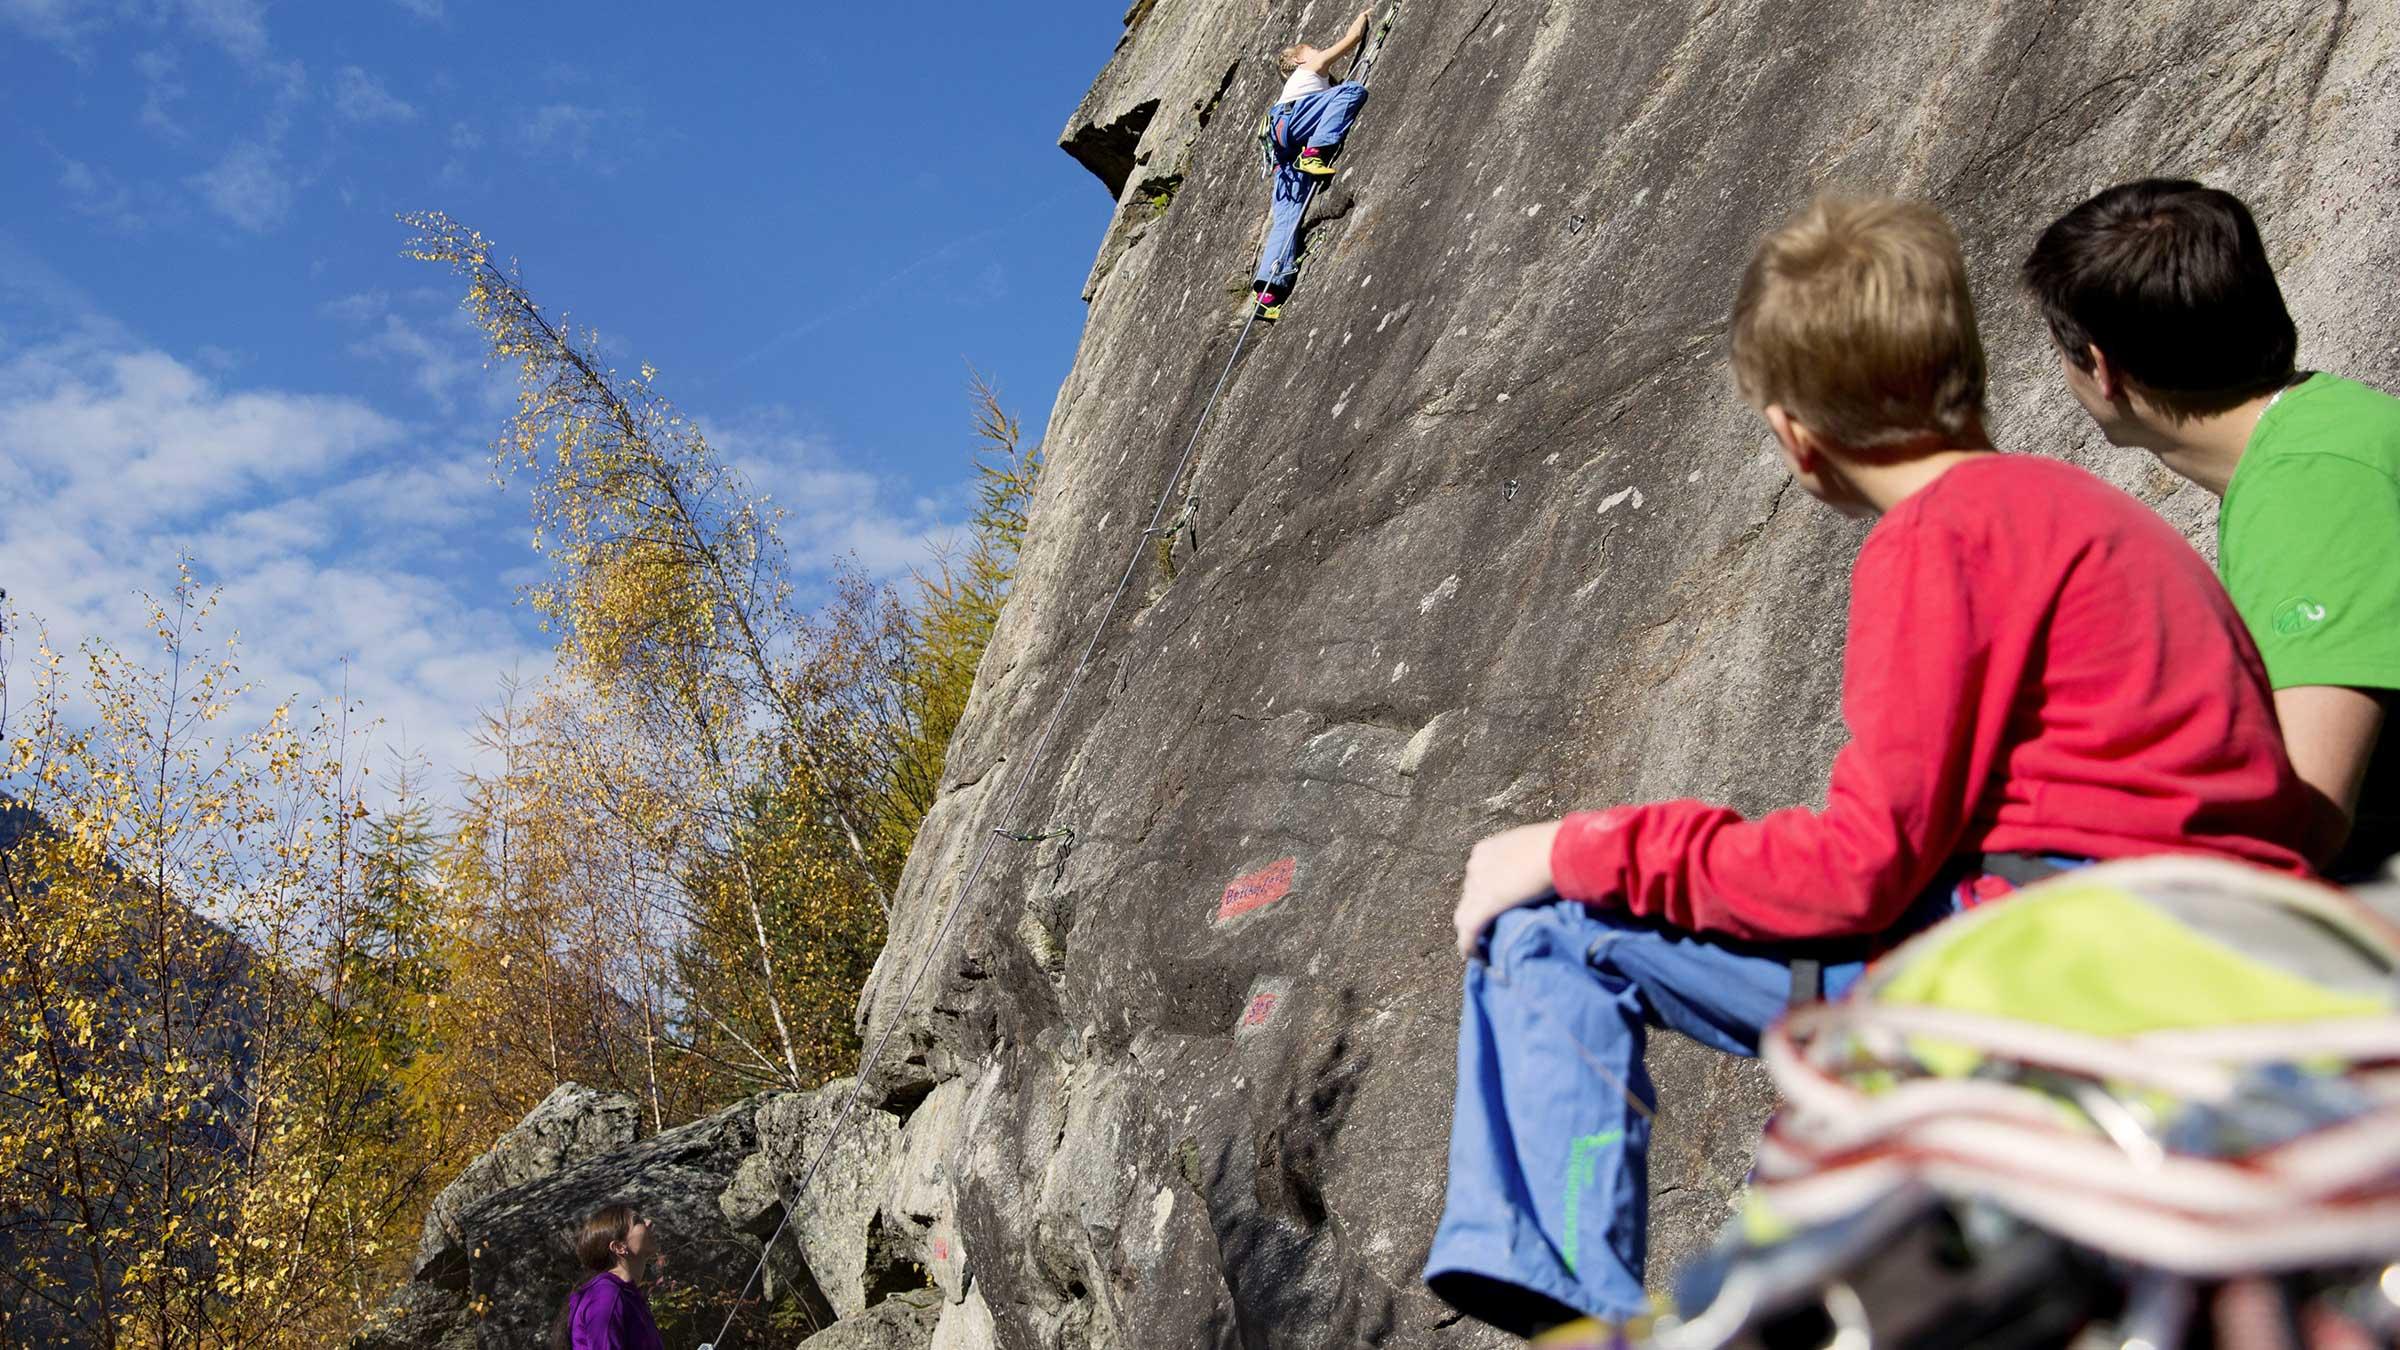 Familie beim Klettern - Sicherheitscheck Kletterrouten Ötztal